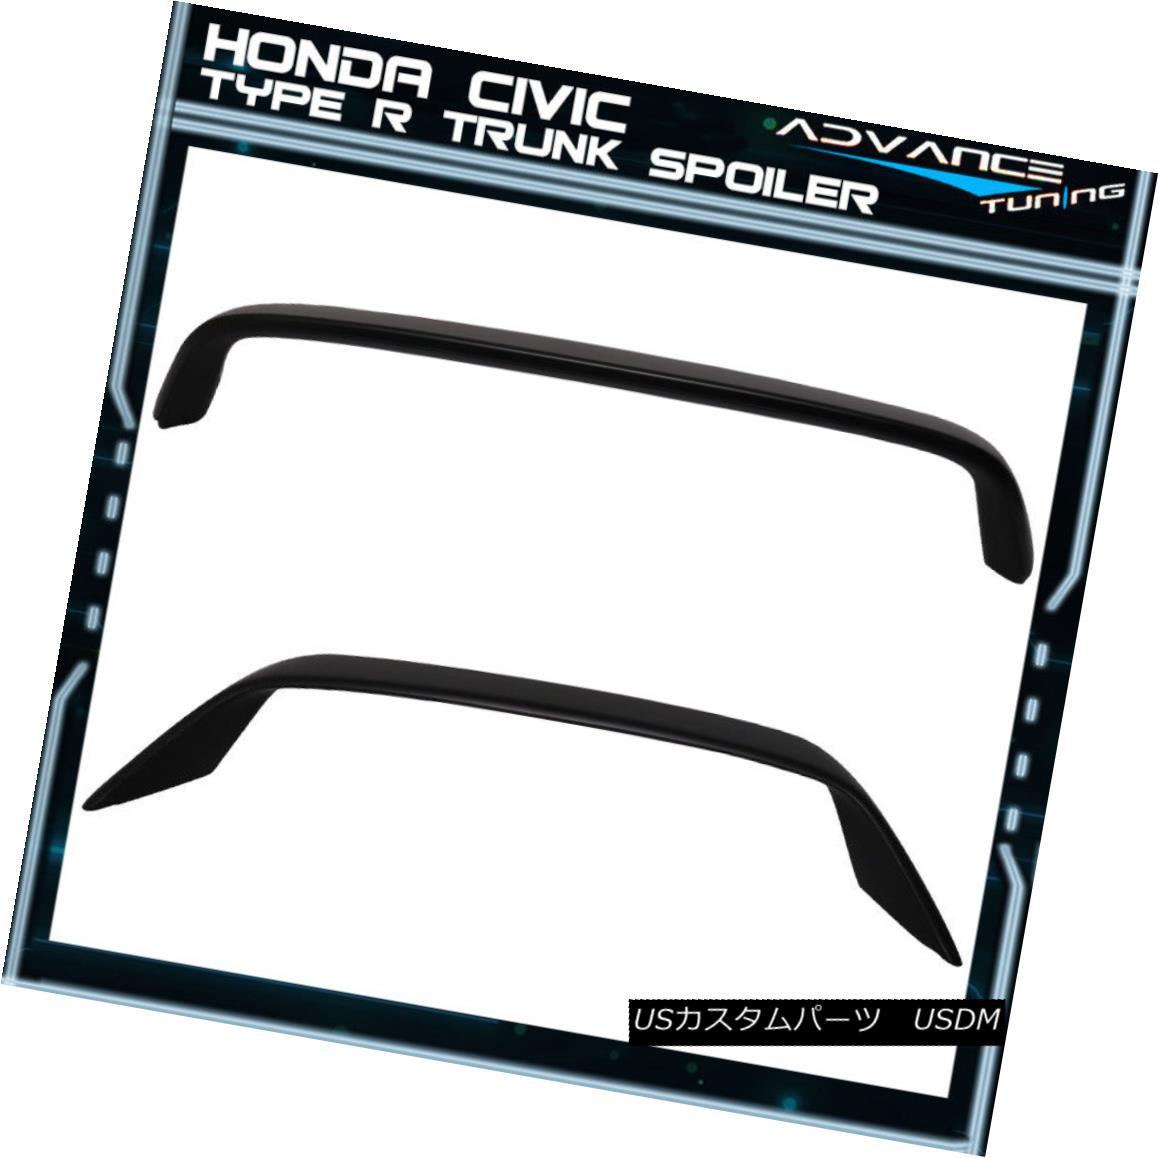 エアロパーツ 01-05 Honda 7th Civic Coupe 2Dr EM Type R Rear Trunk Spoiler Wing - ABS 01-05ホンダ7thシビッククーペ2Dr EMタイプRリアトランク・スポイラー・ウィング - ABS